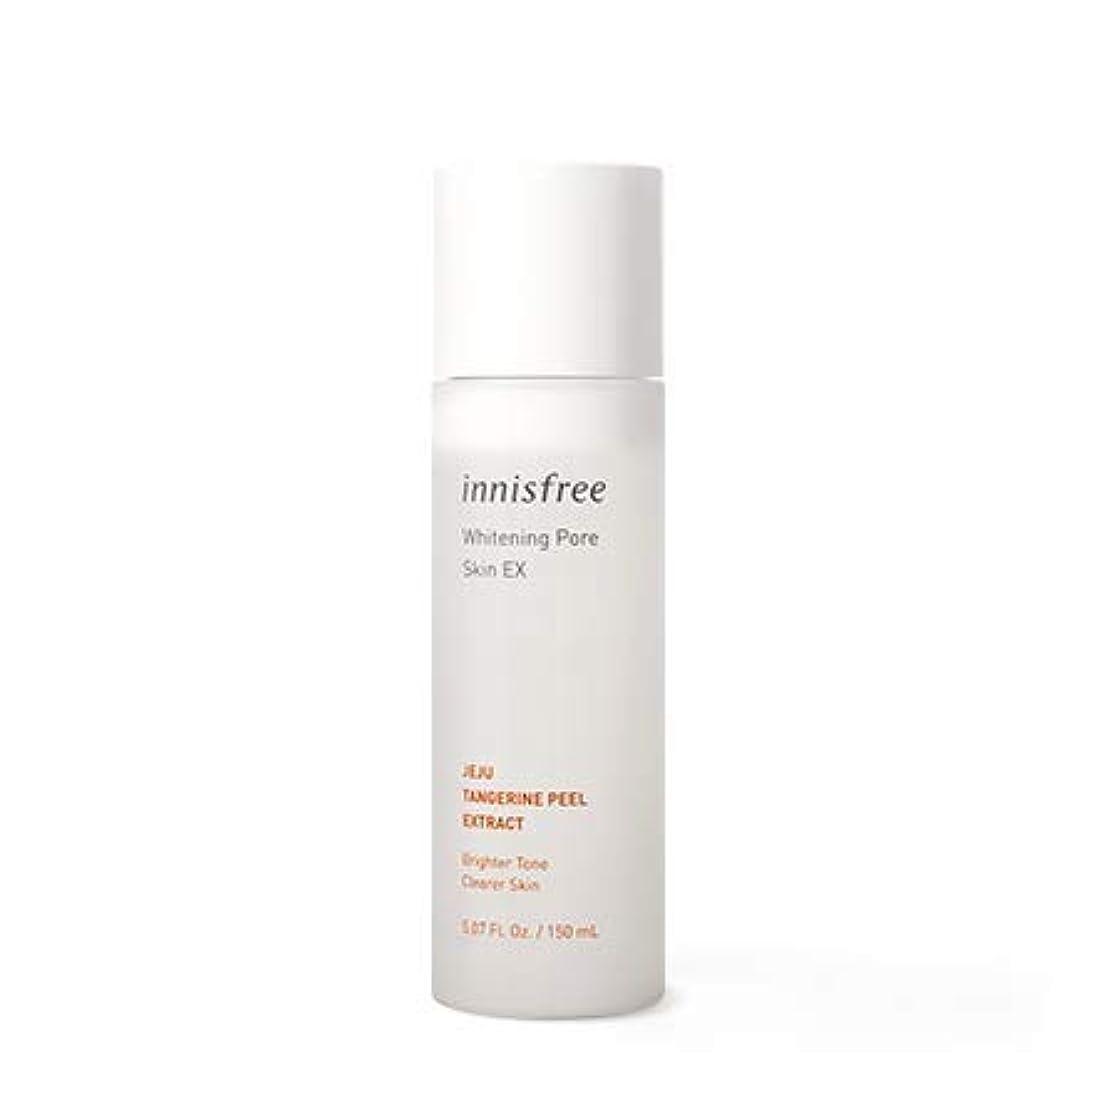 全部失望マウント[イニスフリー.INNISFREE]ホワイトニングポアスキンEX150mL(2019年アップグレード)/ Whitening Pore Skin